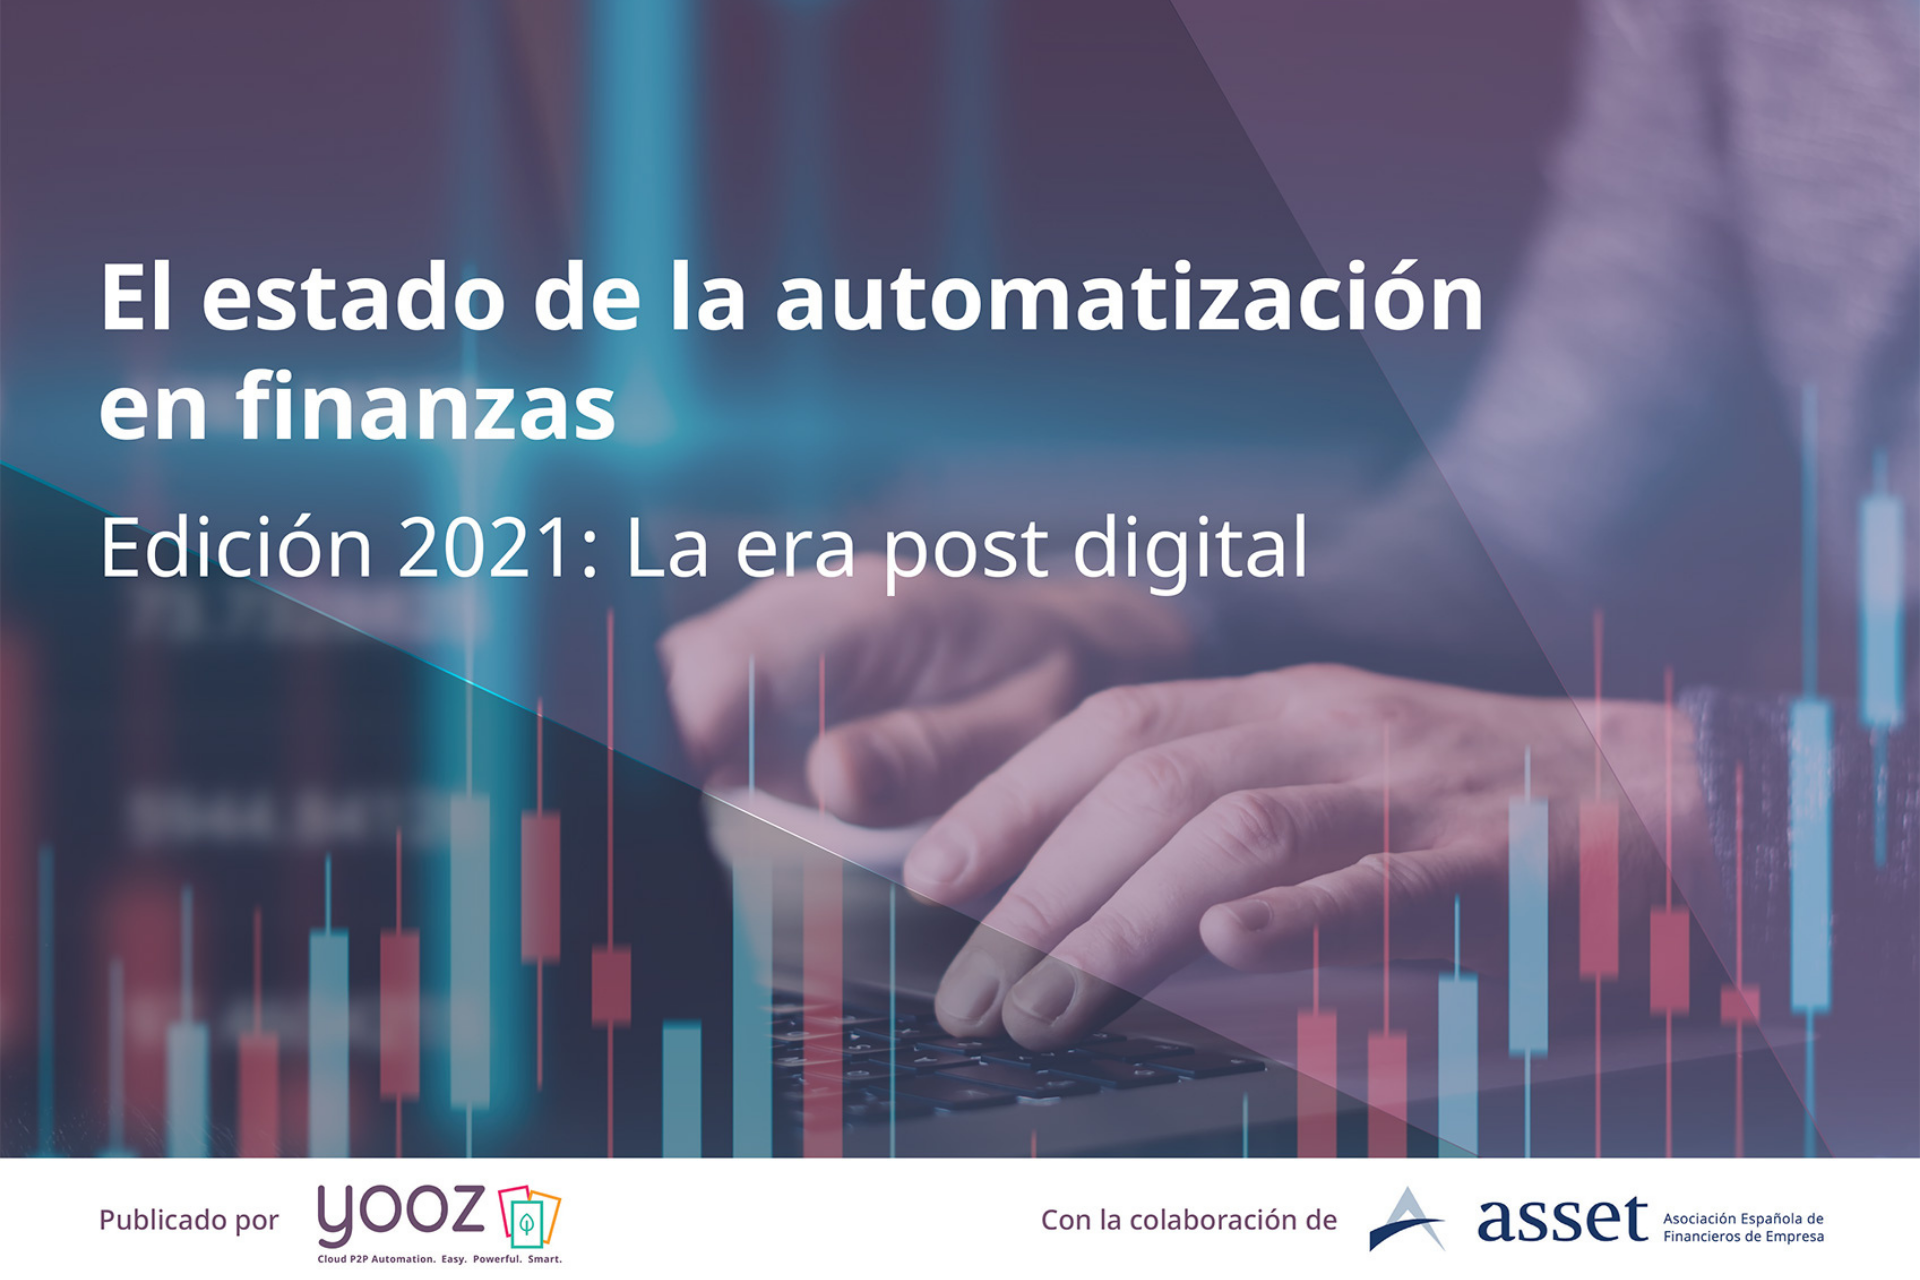 El 76% de las empresas reconocen que la crisis de Covid-19 ha acelerado la transformación digital del departamento financiero